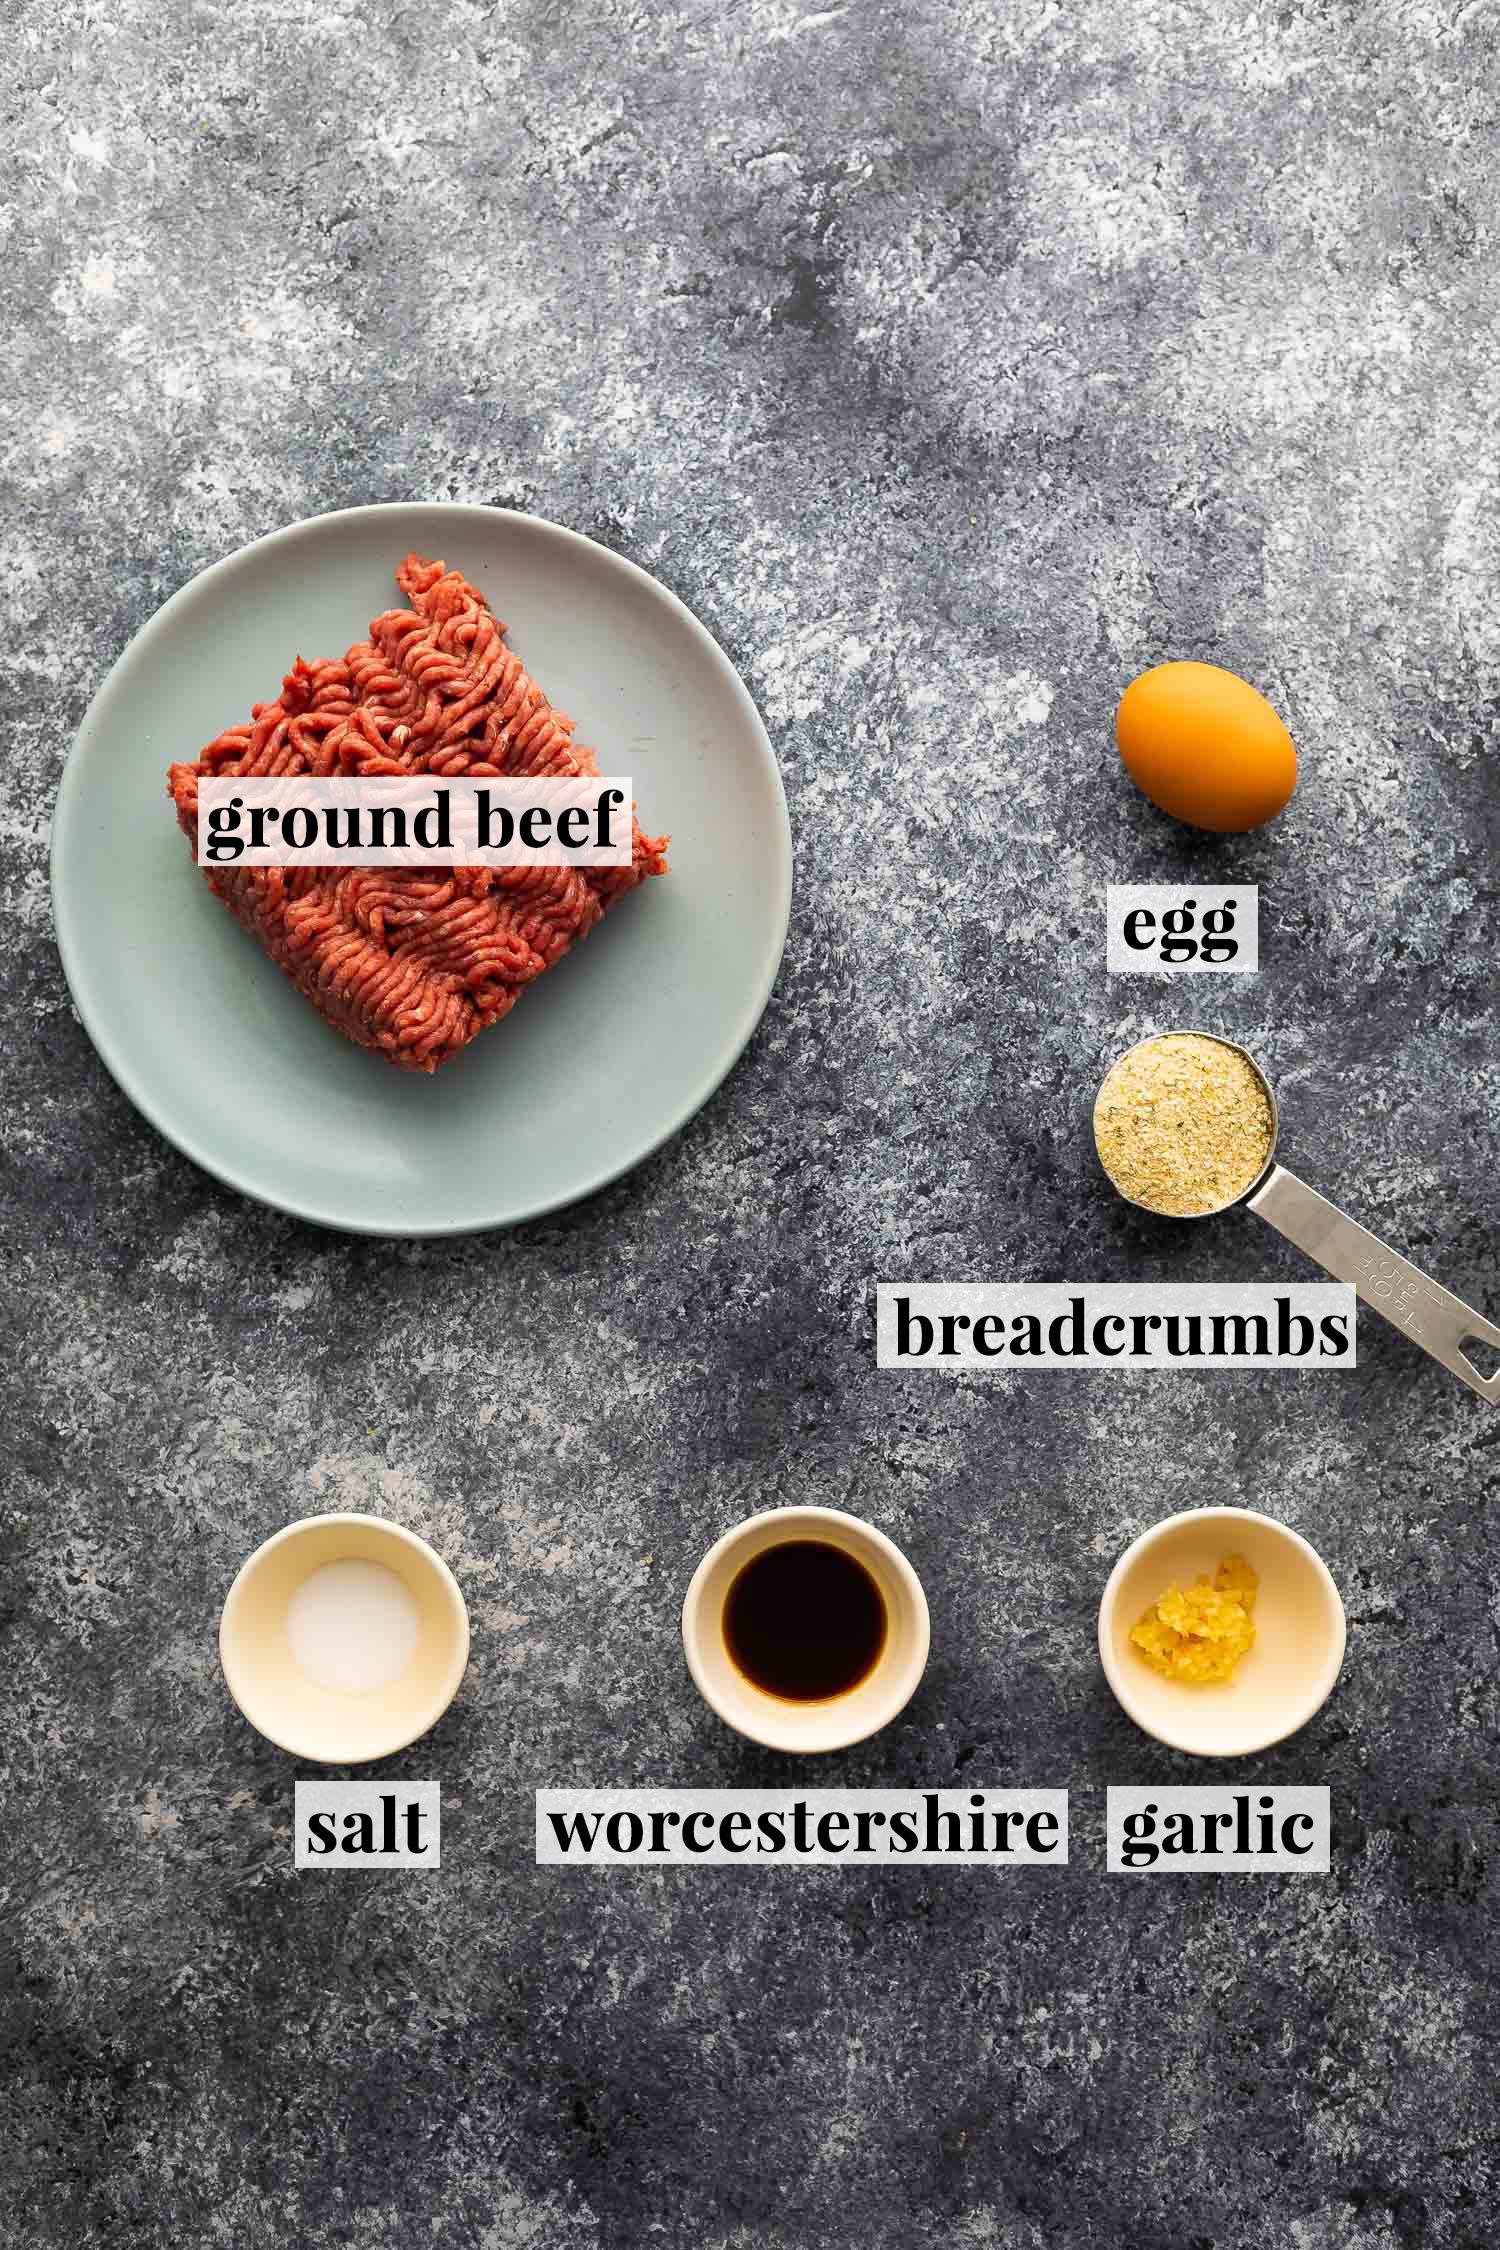 fritözlü burger yapmak için gerekli malzemeler (etiketli)